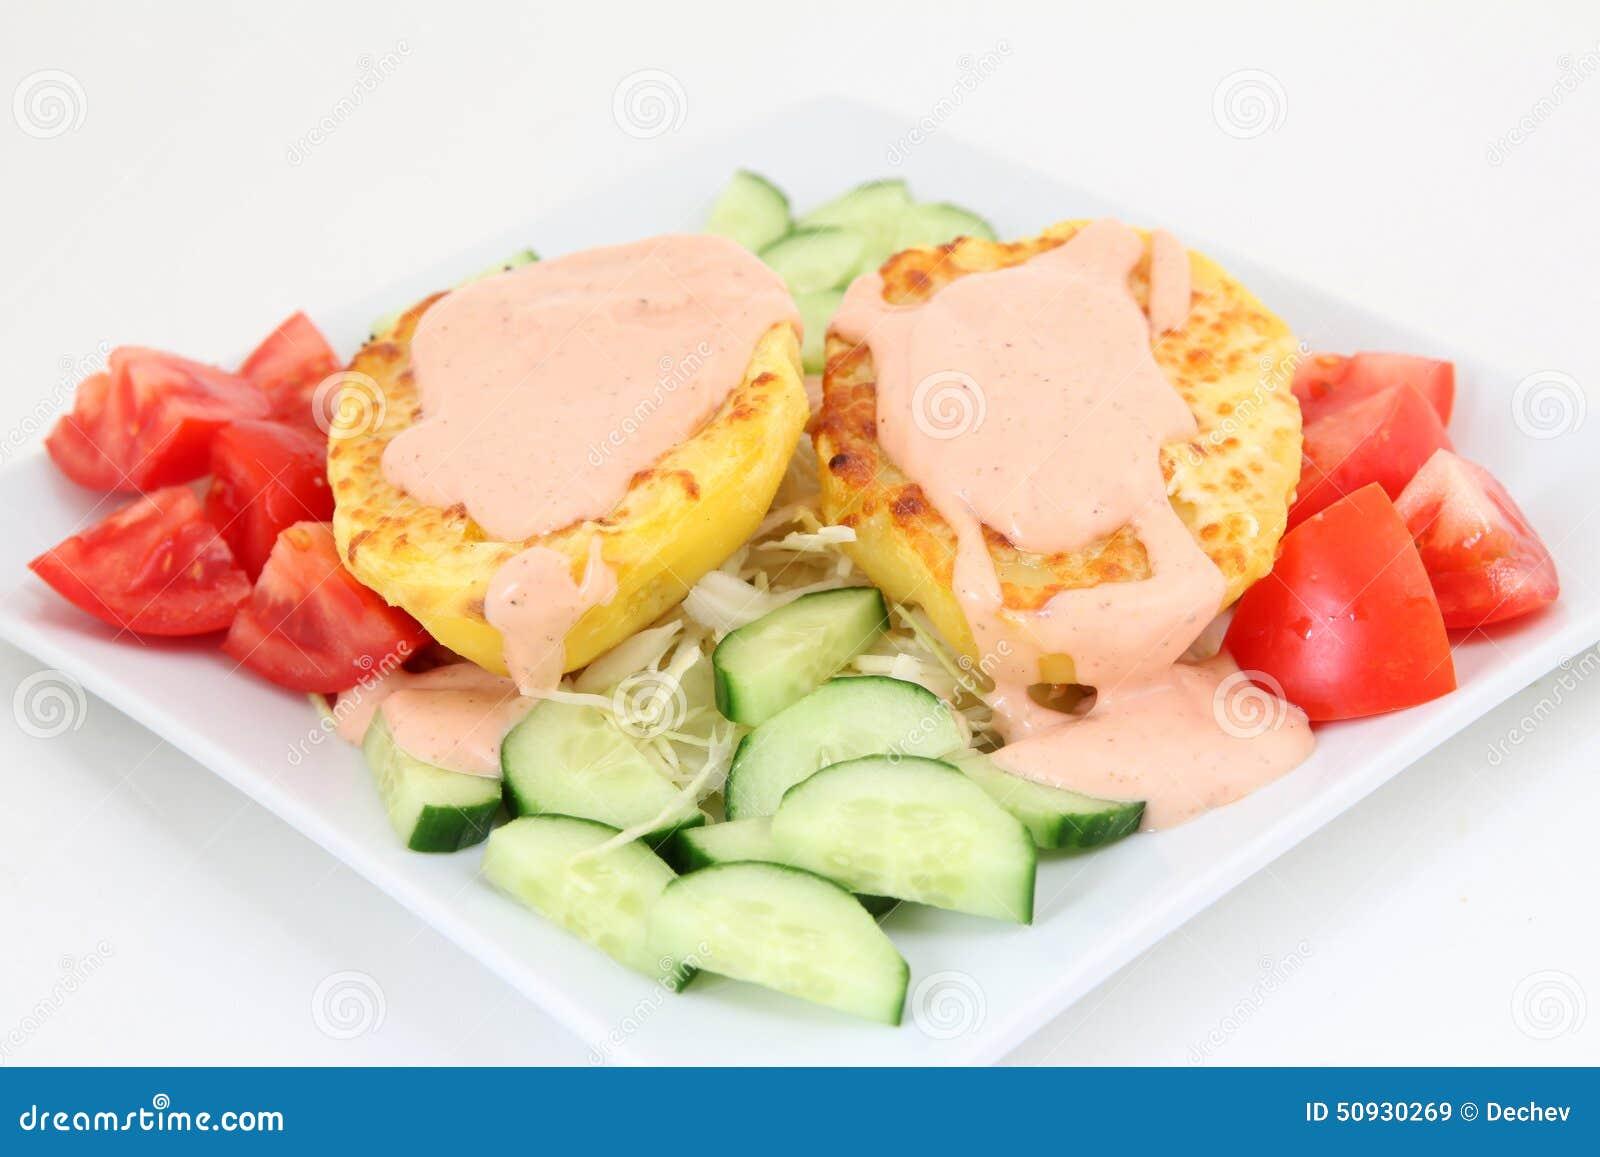 Ofenkartoffeln mit Soße und Gemüse